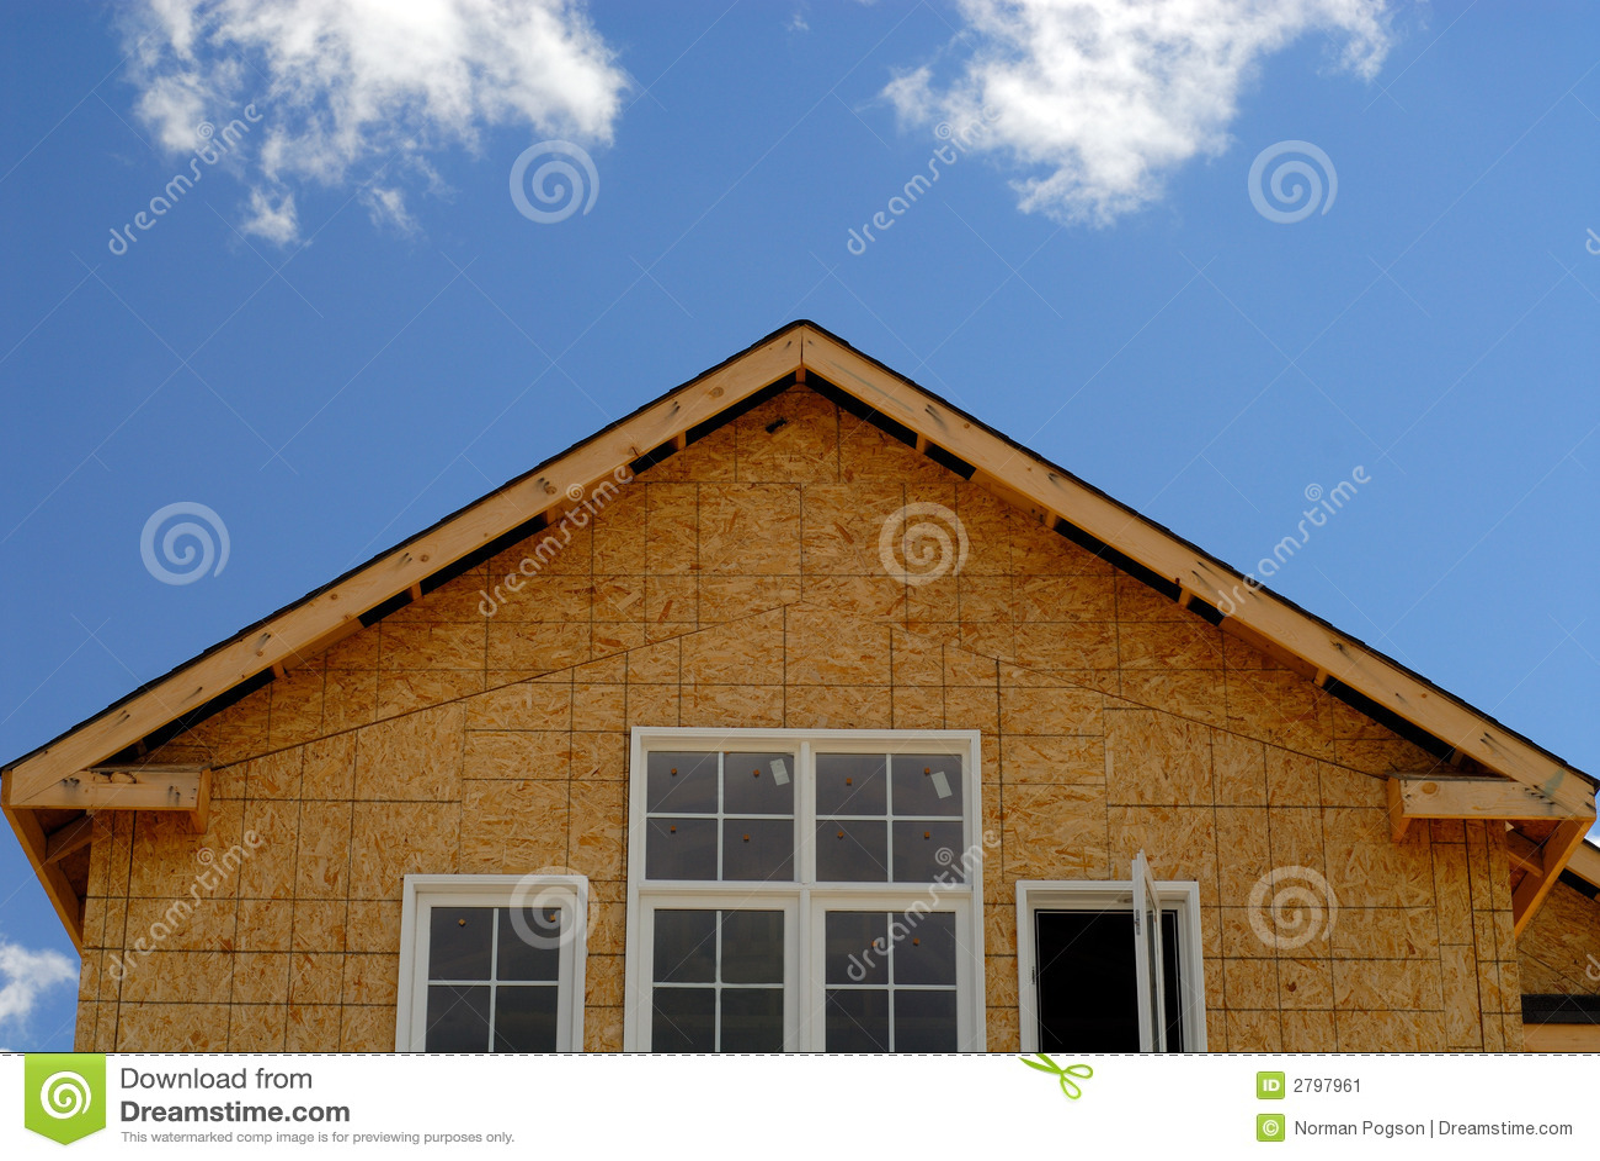 Nuova casa immagine stock immagine di facade reale for Nuova casa coloniale in inghilterra